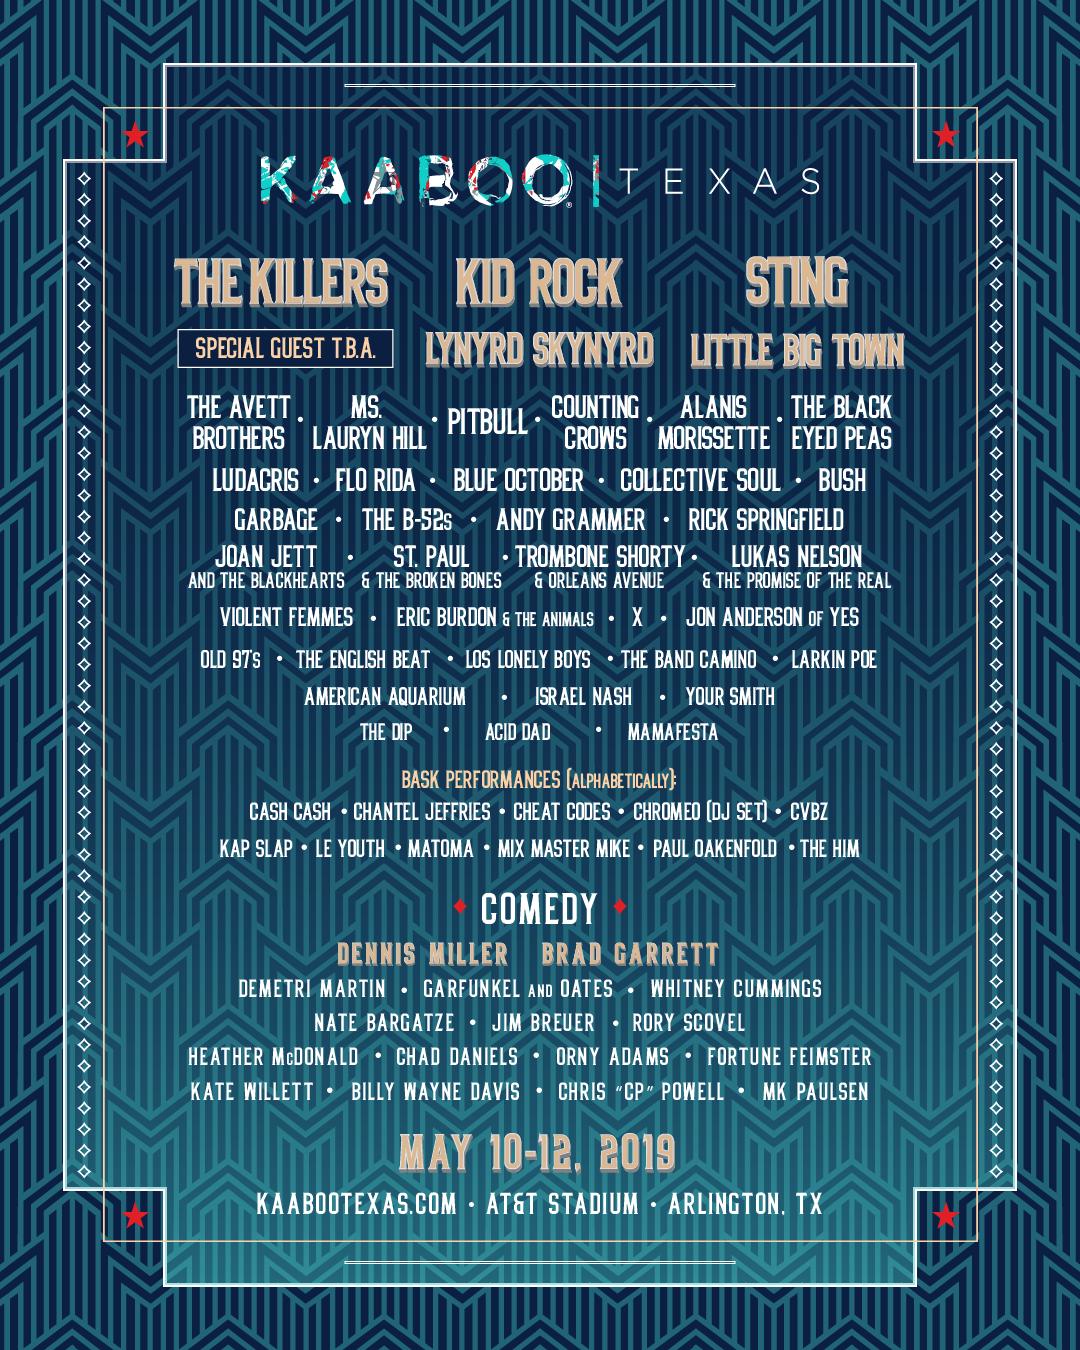 KABOO Festival 2019 Texas